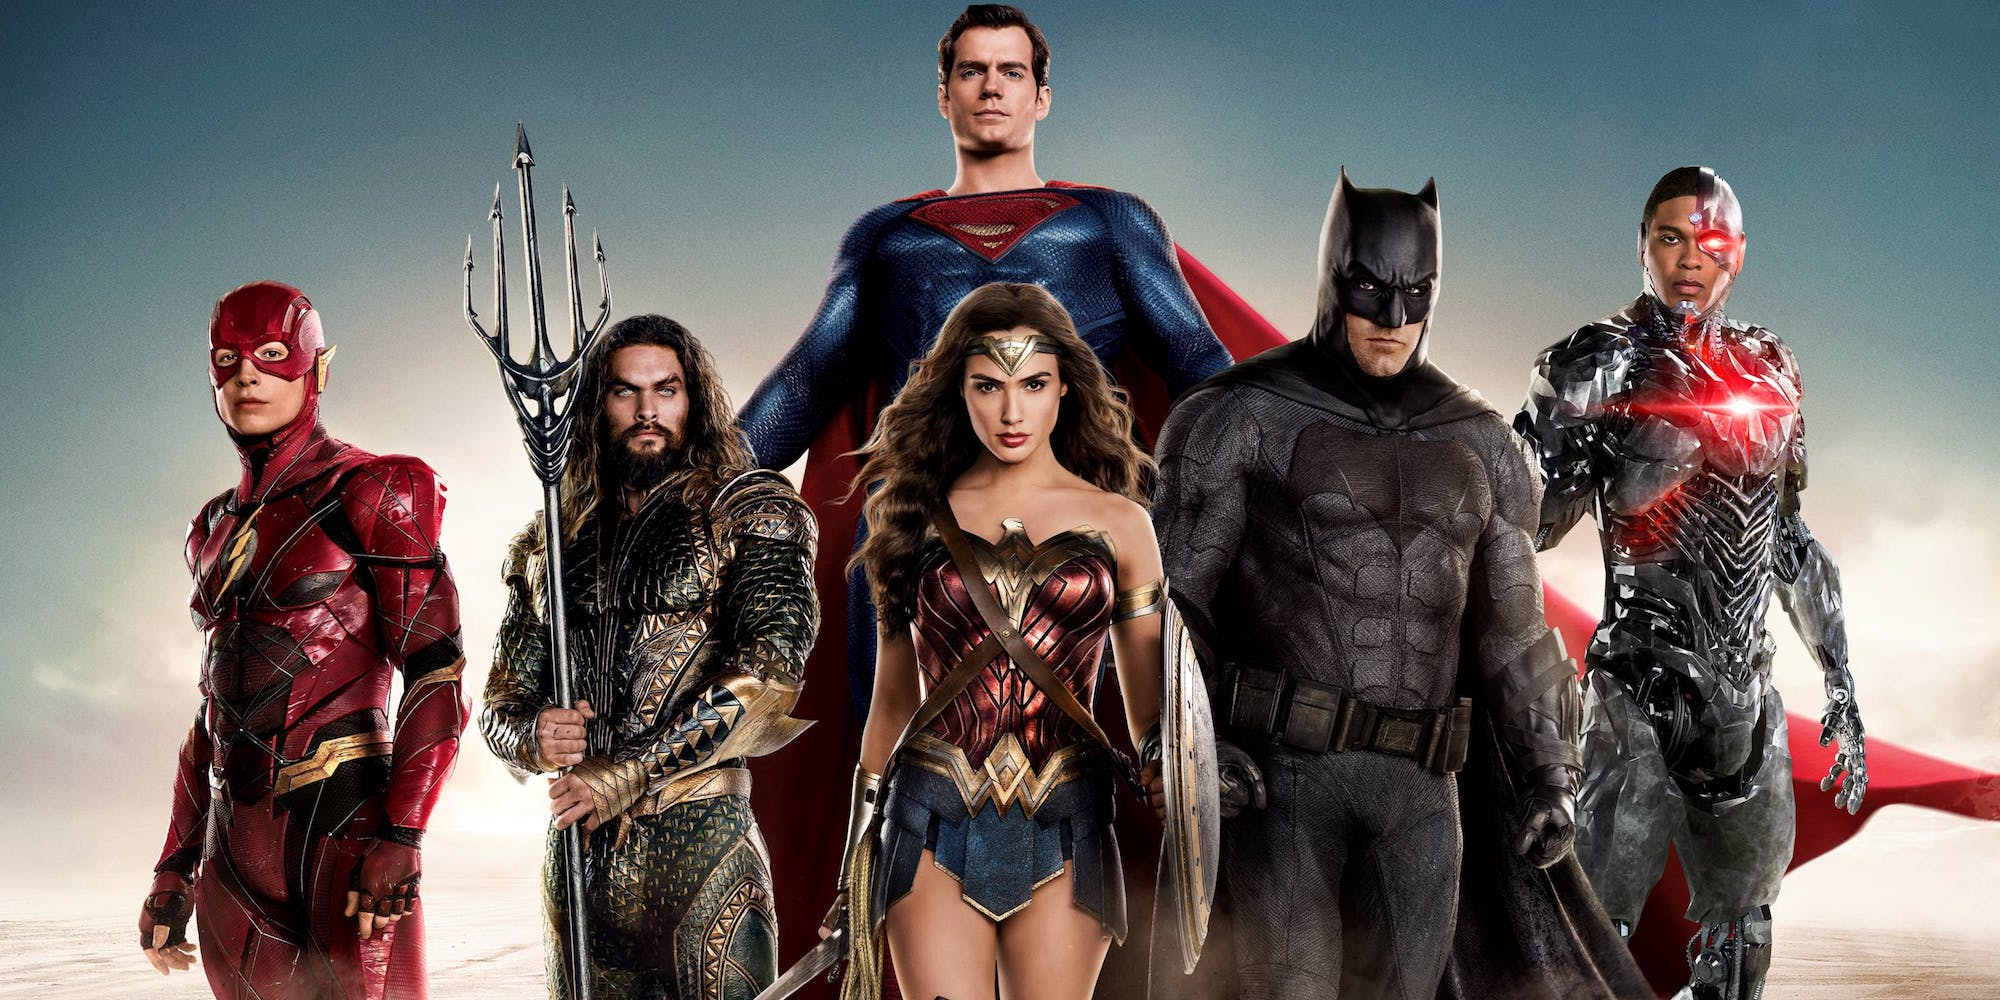 Justice League 2